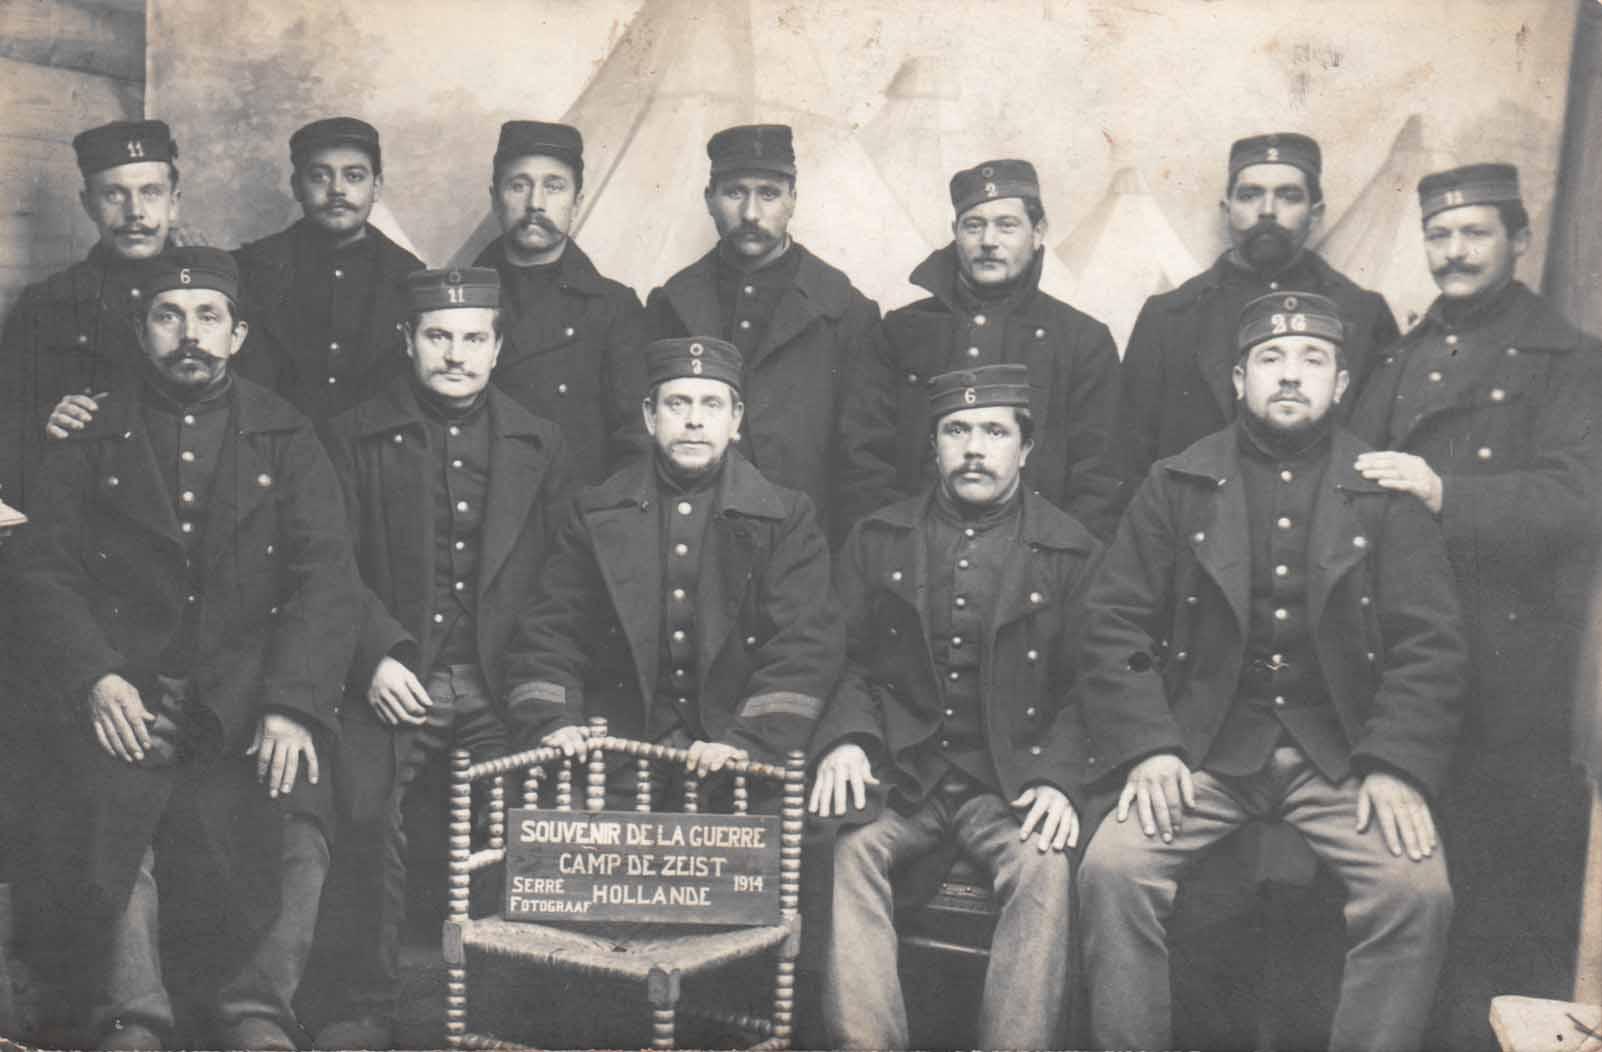 Lembeekse soldaten in het interneringskamp van Zeist in 1914